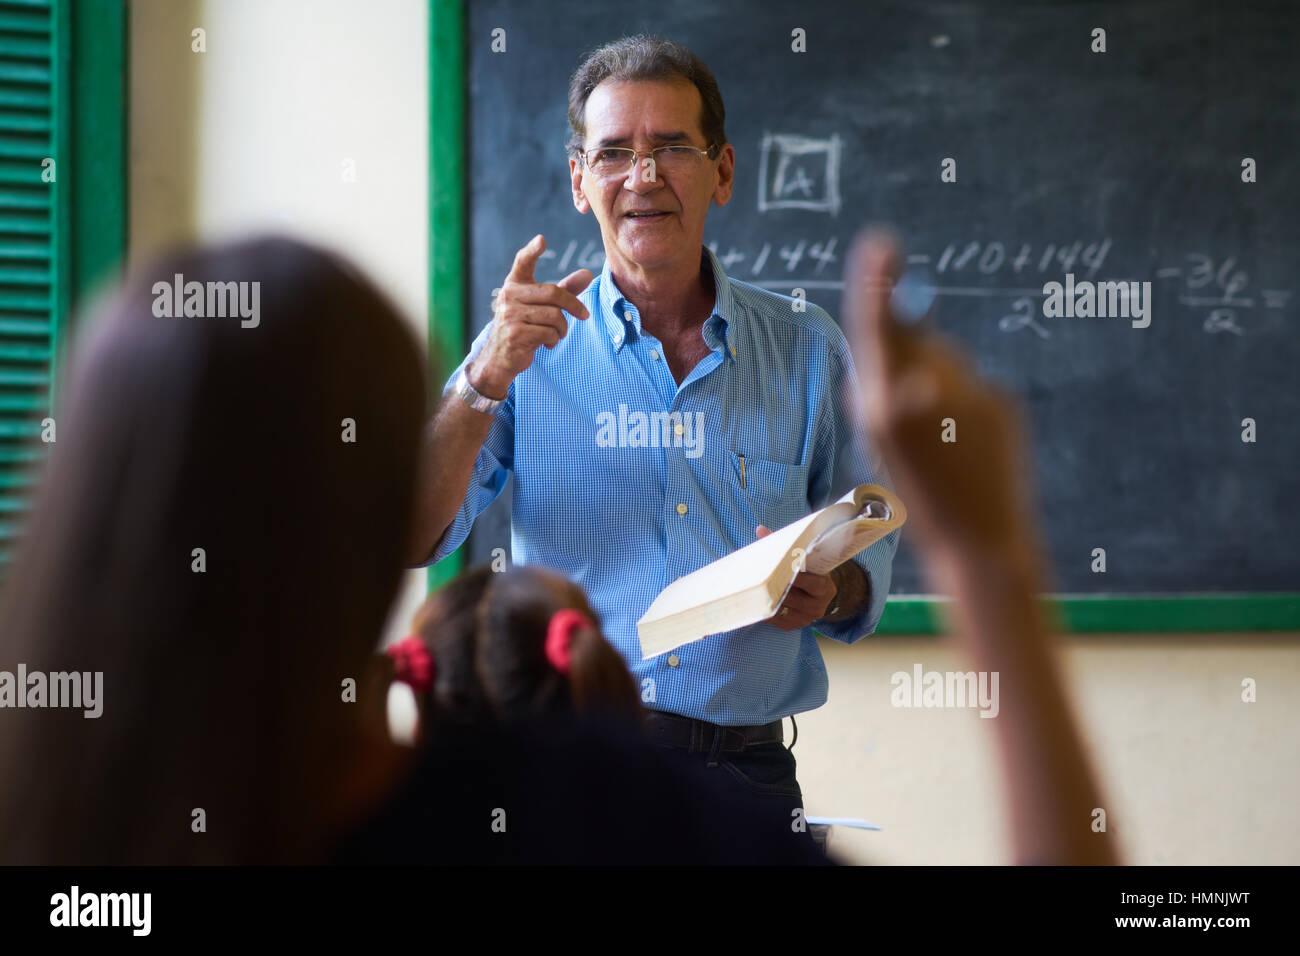 Les jeunes et l'éducation. Groupe d'étudiants hispaniques en classe à l'école pendant Photo Stock